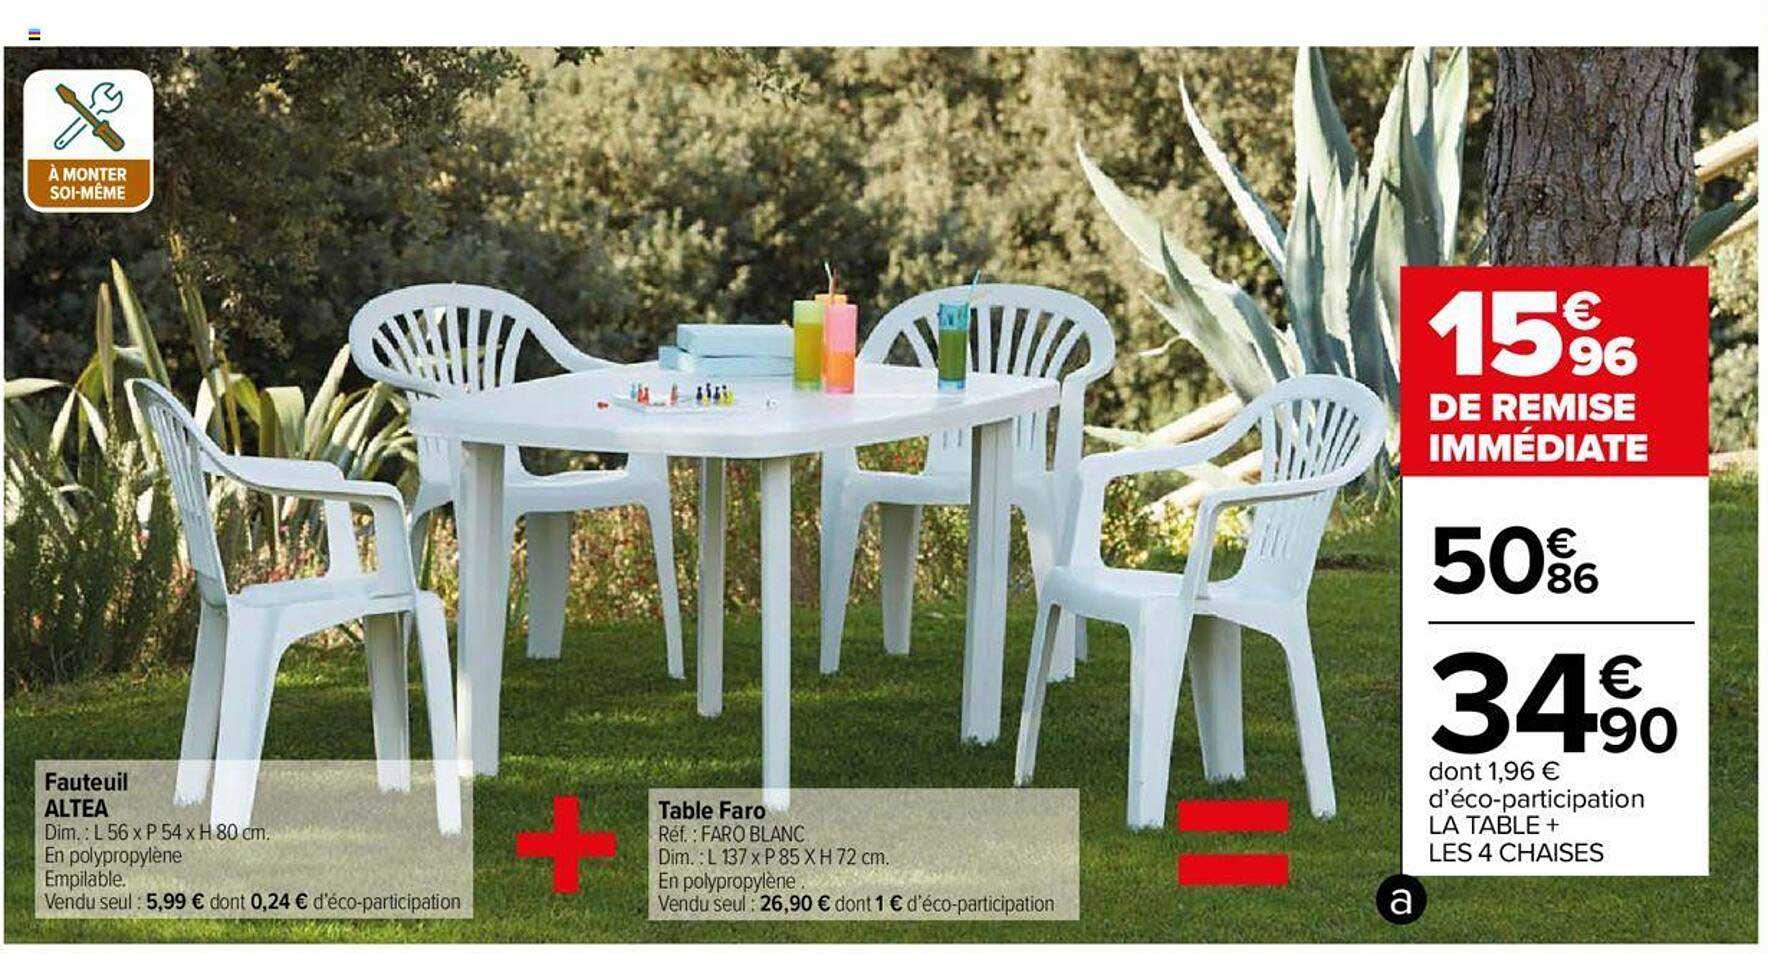 offre fauteuil altea table faro chez